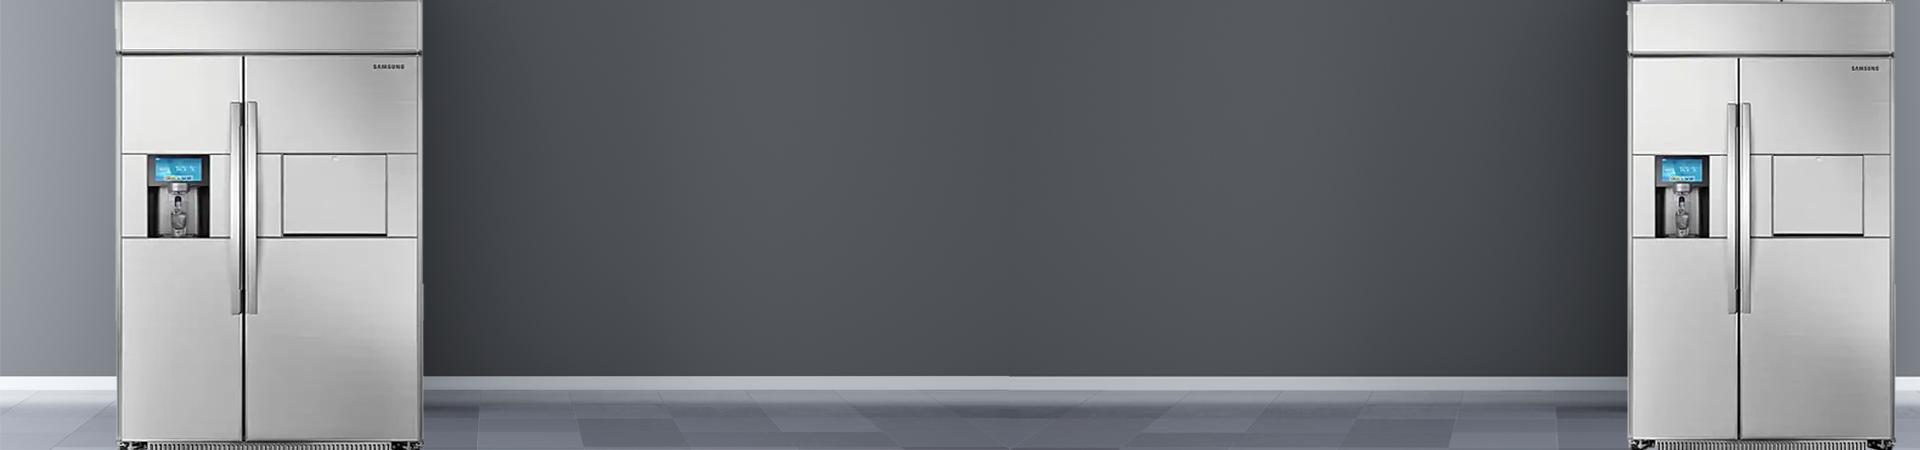 מקרר SAMSUNG סמסונג דגם RS757